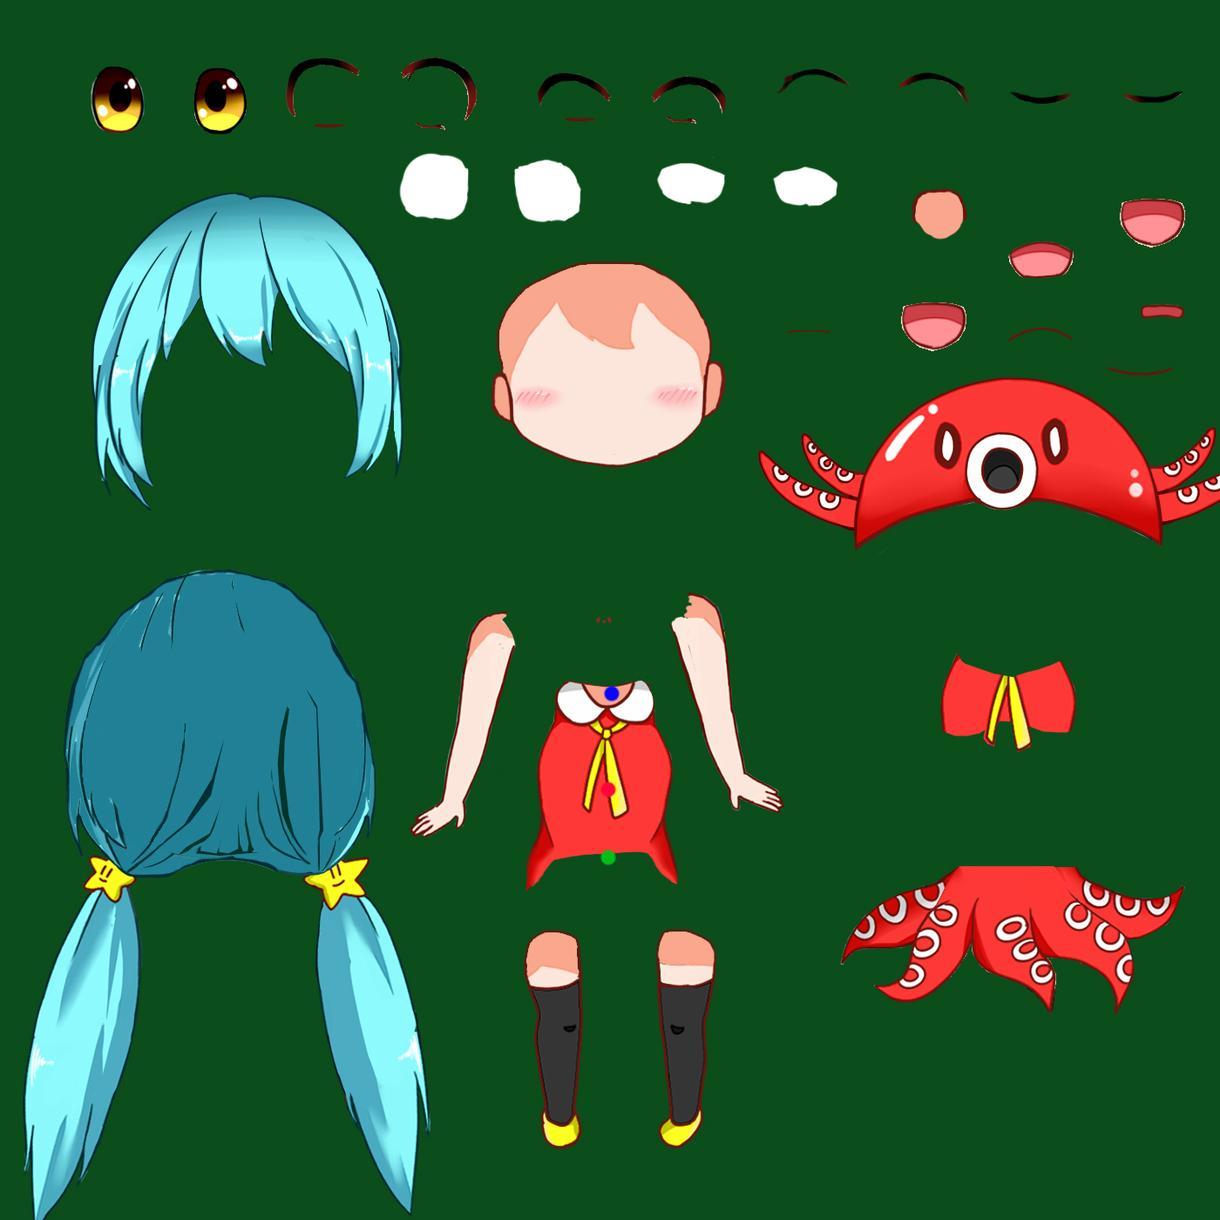 あなたの描いたキャラクターをアニメーションにします PV風に加工したり、ゲームの立ち絵などで使用出来ます